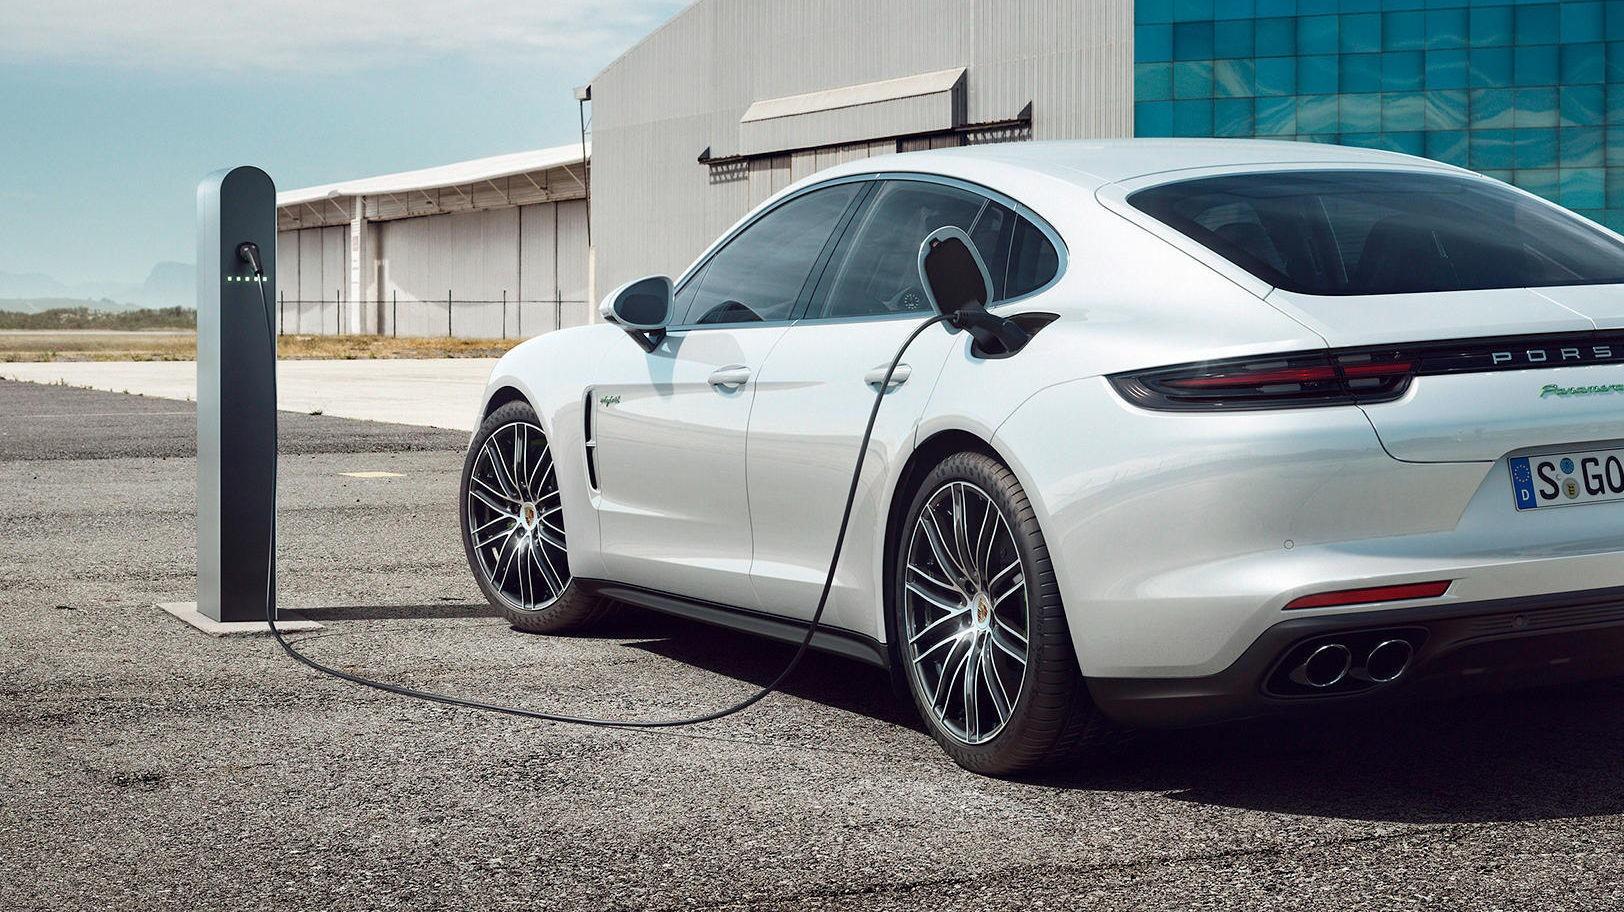 Nye superladere skal gi mye kortere ladetid, dermed også mer fleksibilitet for elbil-eierne. Bildet er for øvrig av en Panamera hybrid, ikke en ren elbil.